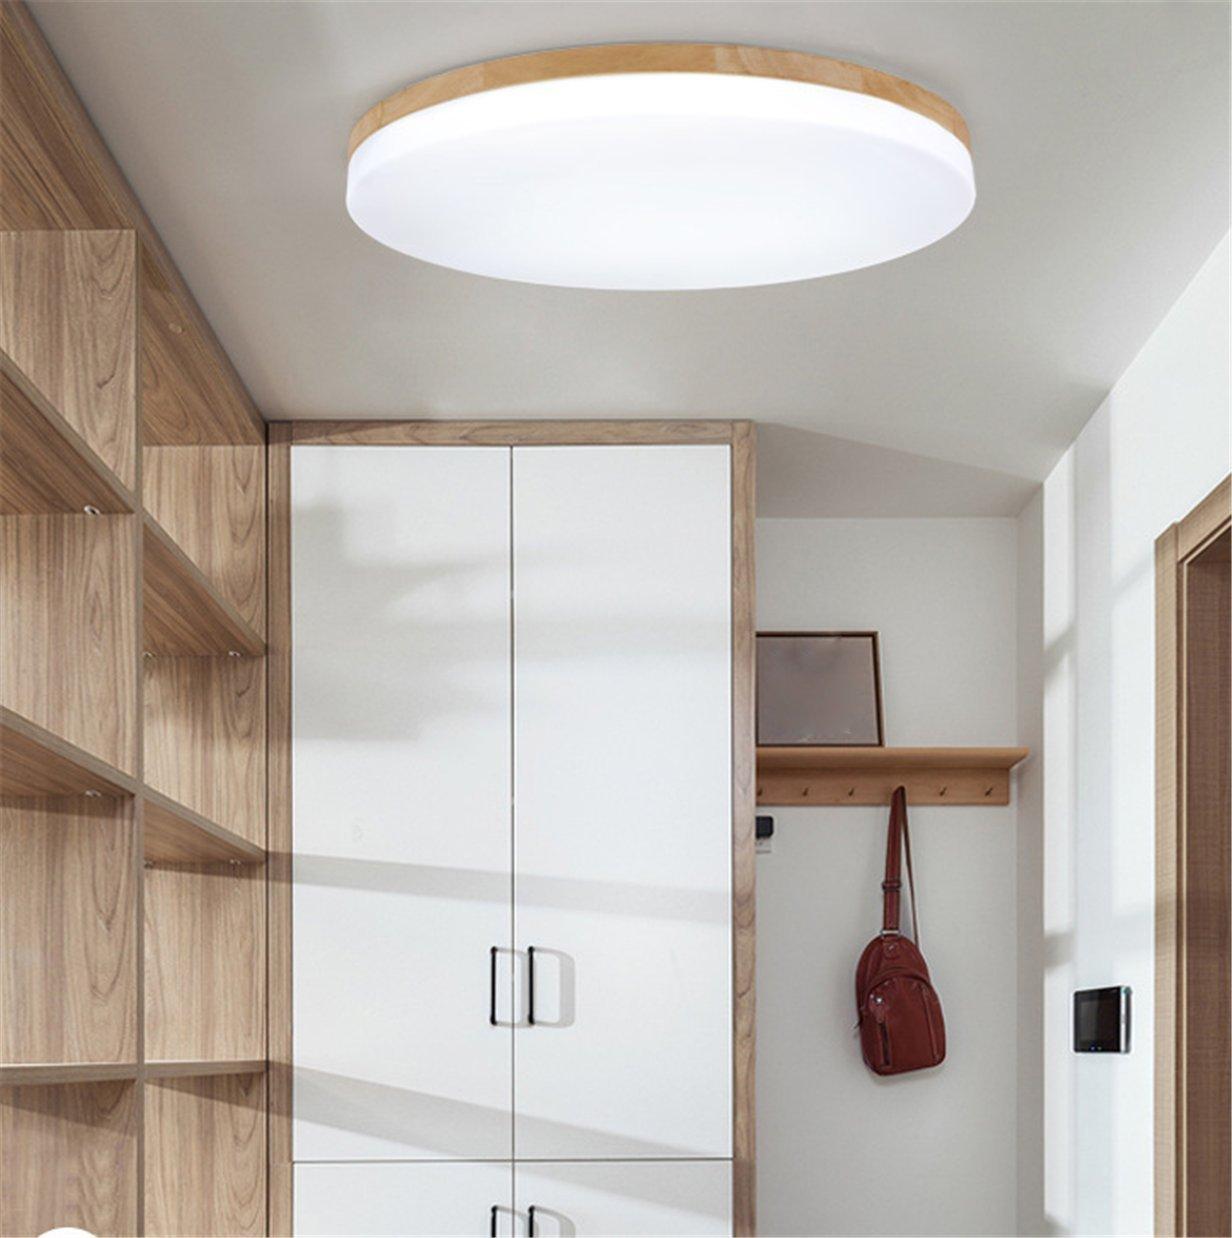 Full Size of Sjun Deckenleuchte Holz Wohnzimmer Lampe Rund Flach Badezimmer Decken Led Bad Küche Deckenlampen Deckenleuchten Schlafzimmer Decke Im Deckenstrahler Modern Wohnzimmer Holzlampe Decke